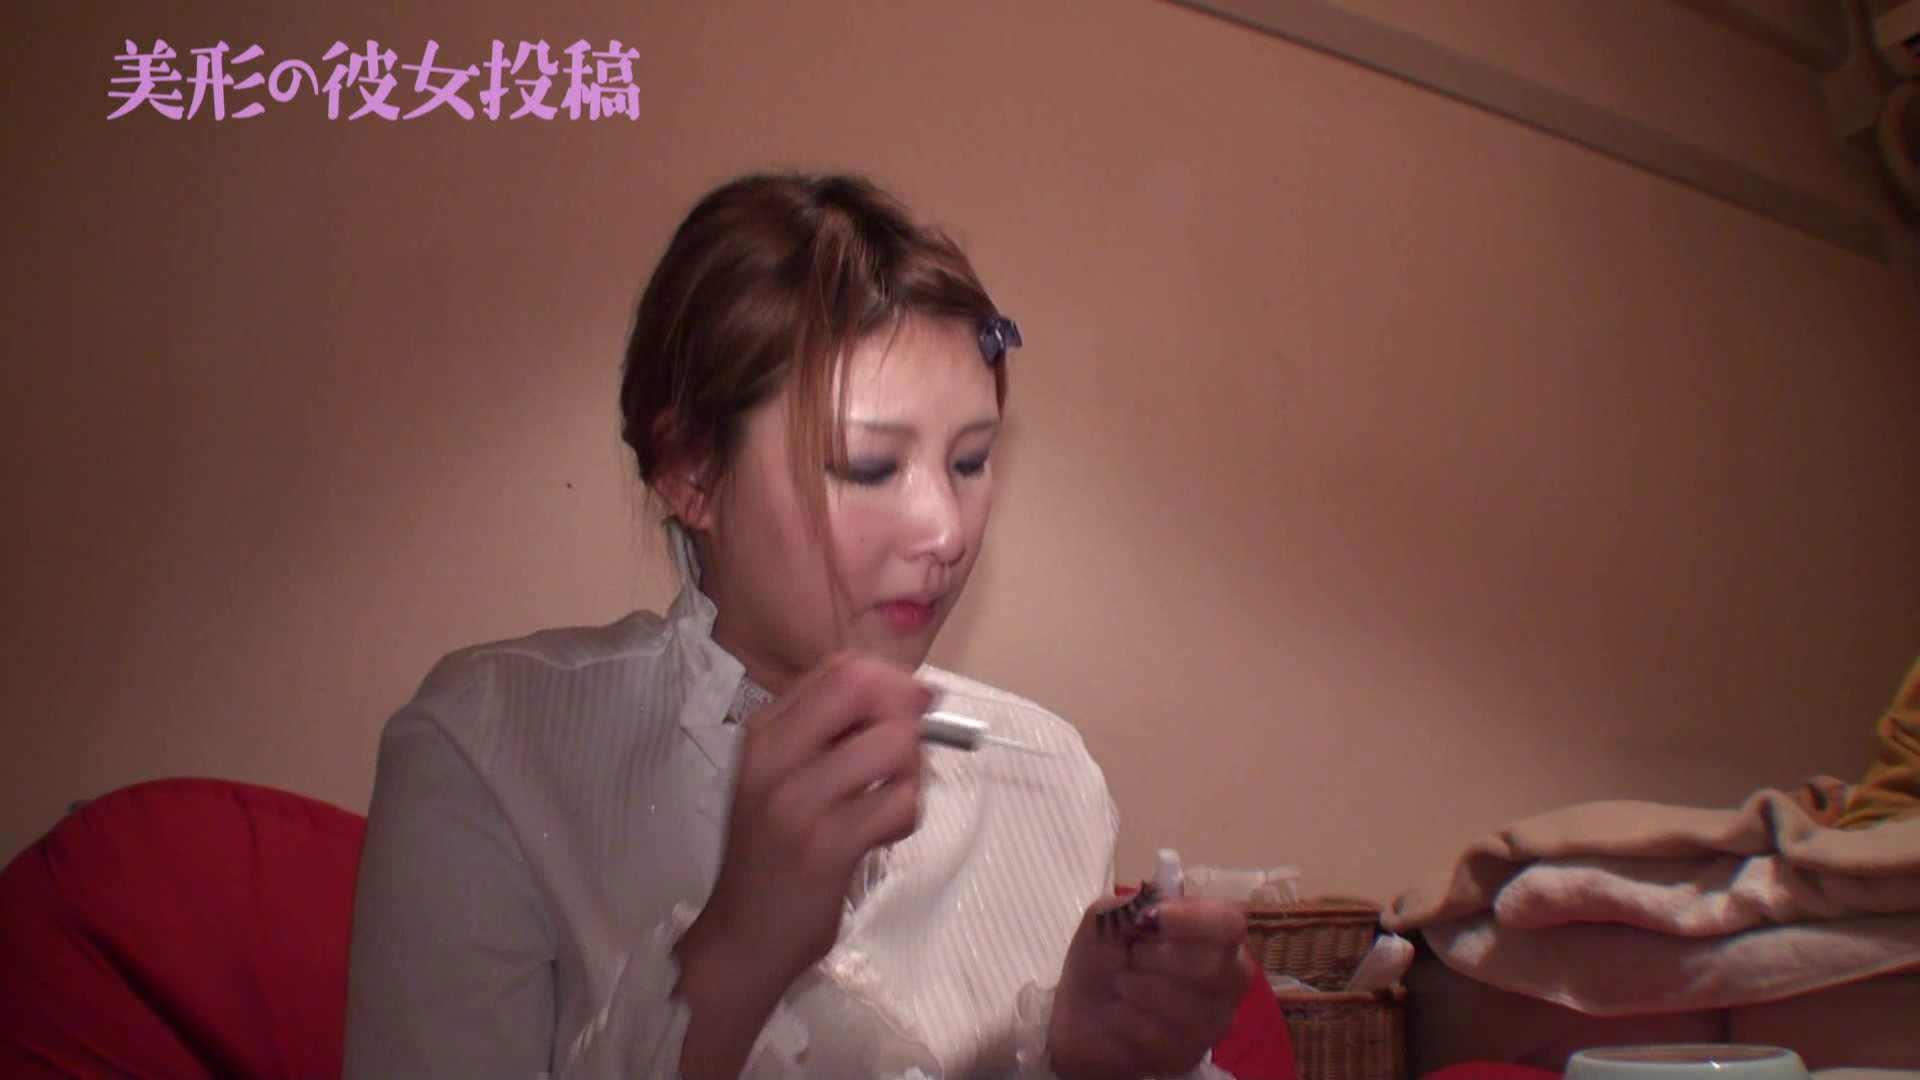 超美形の彼女を投稿!! 一般投稿  75pic 68